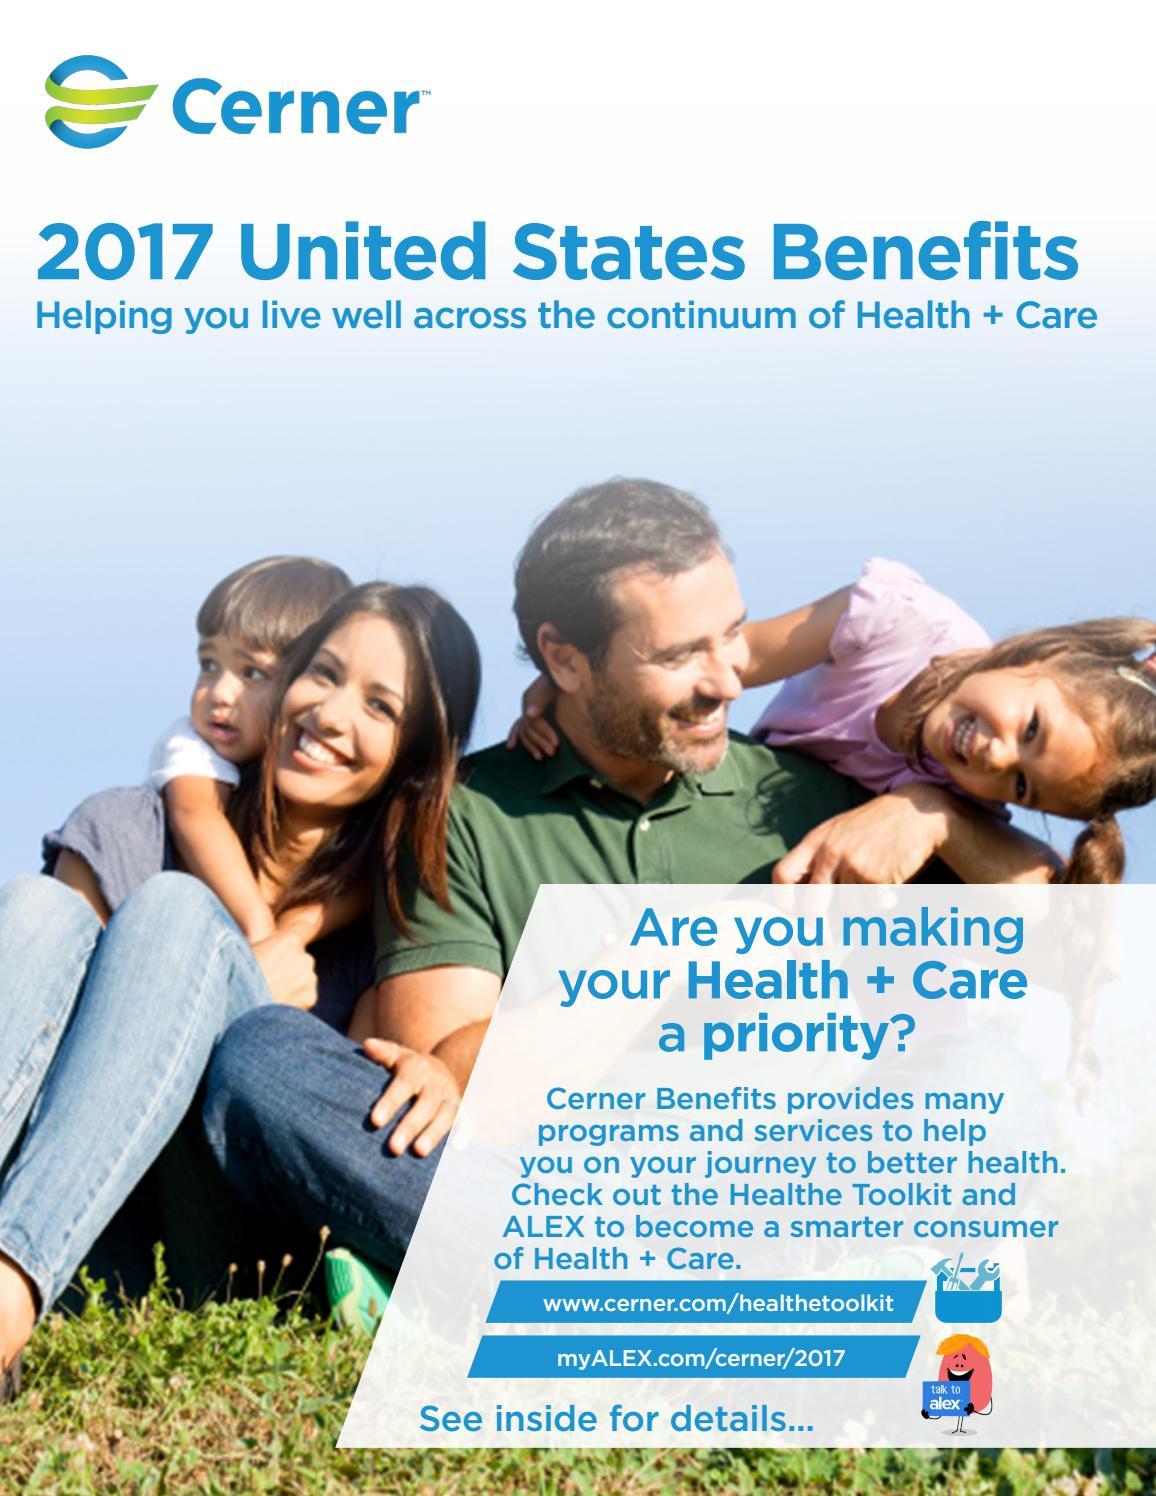 2017 united states cerner benefits brochure by cernercorporation 2017 united states cerner benefits brochure by cernercorporation issuu xflitez Images